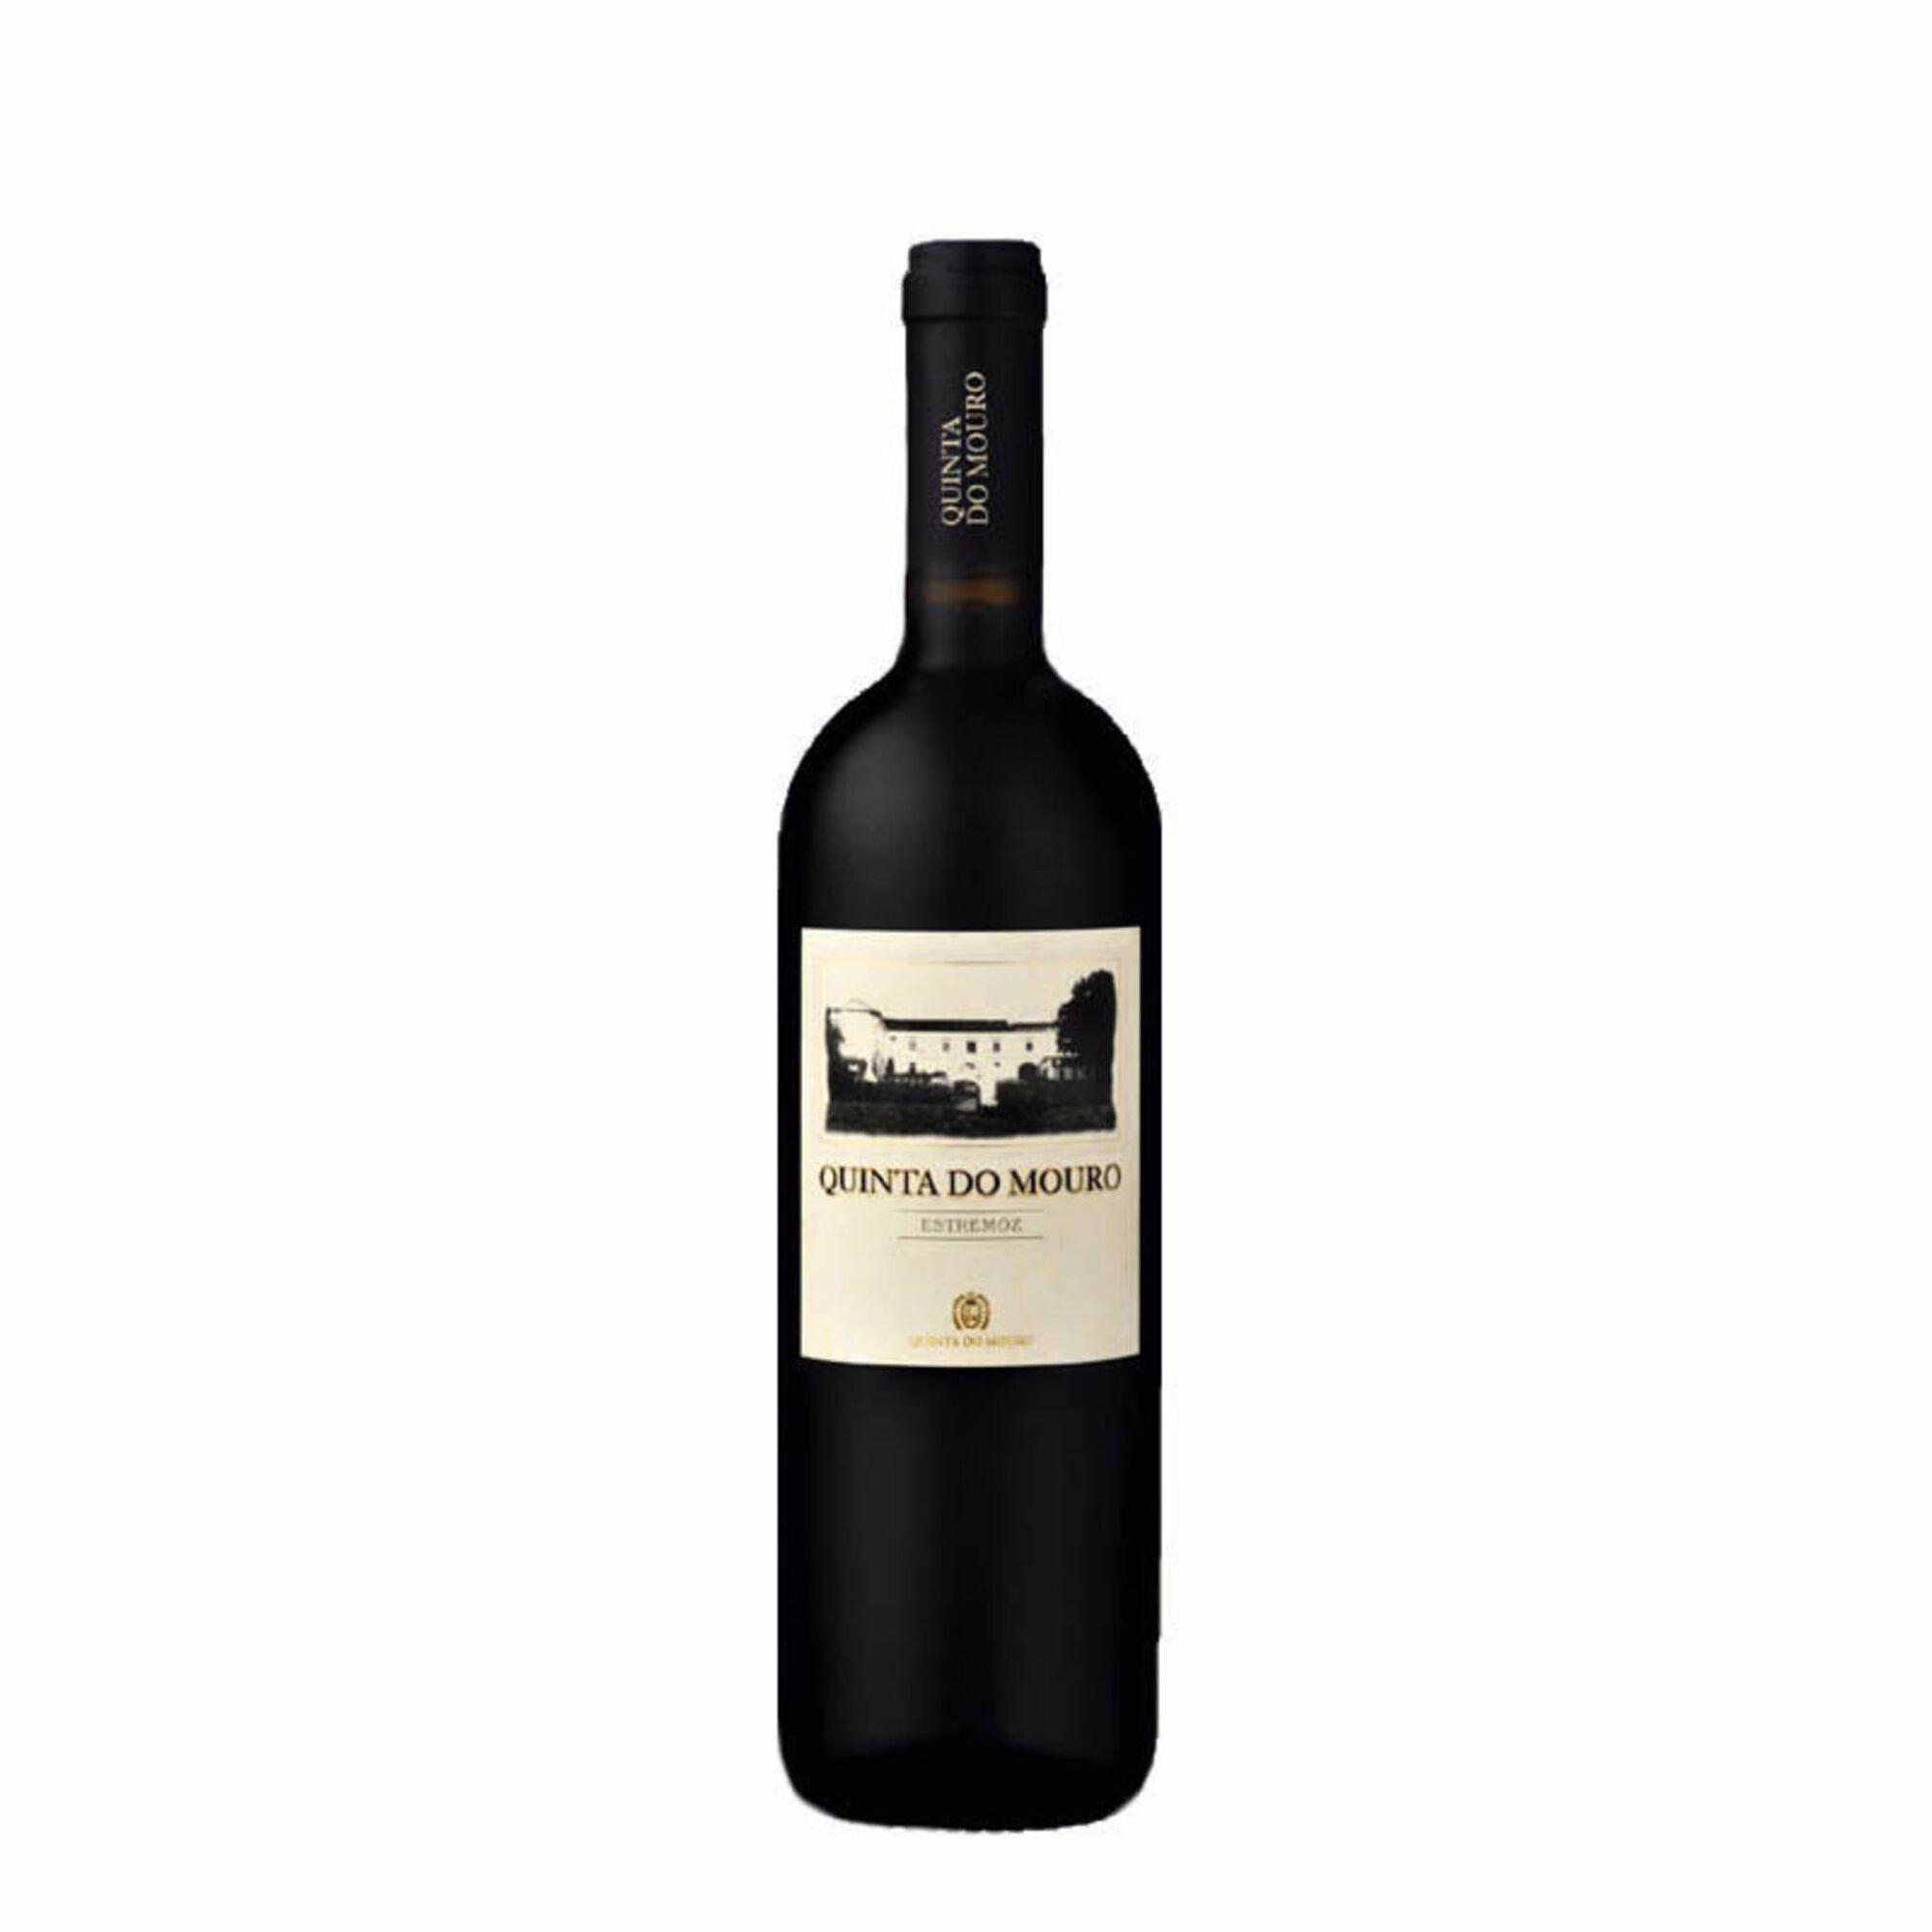 Quinta do Mouro Regional Alentejano Vinho Tinto